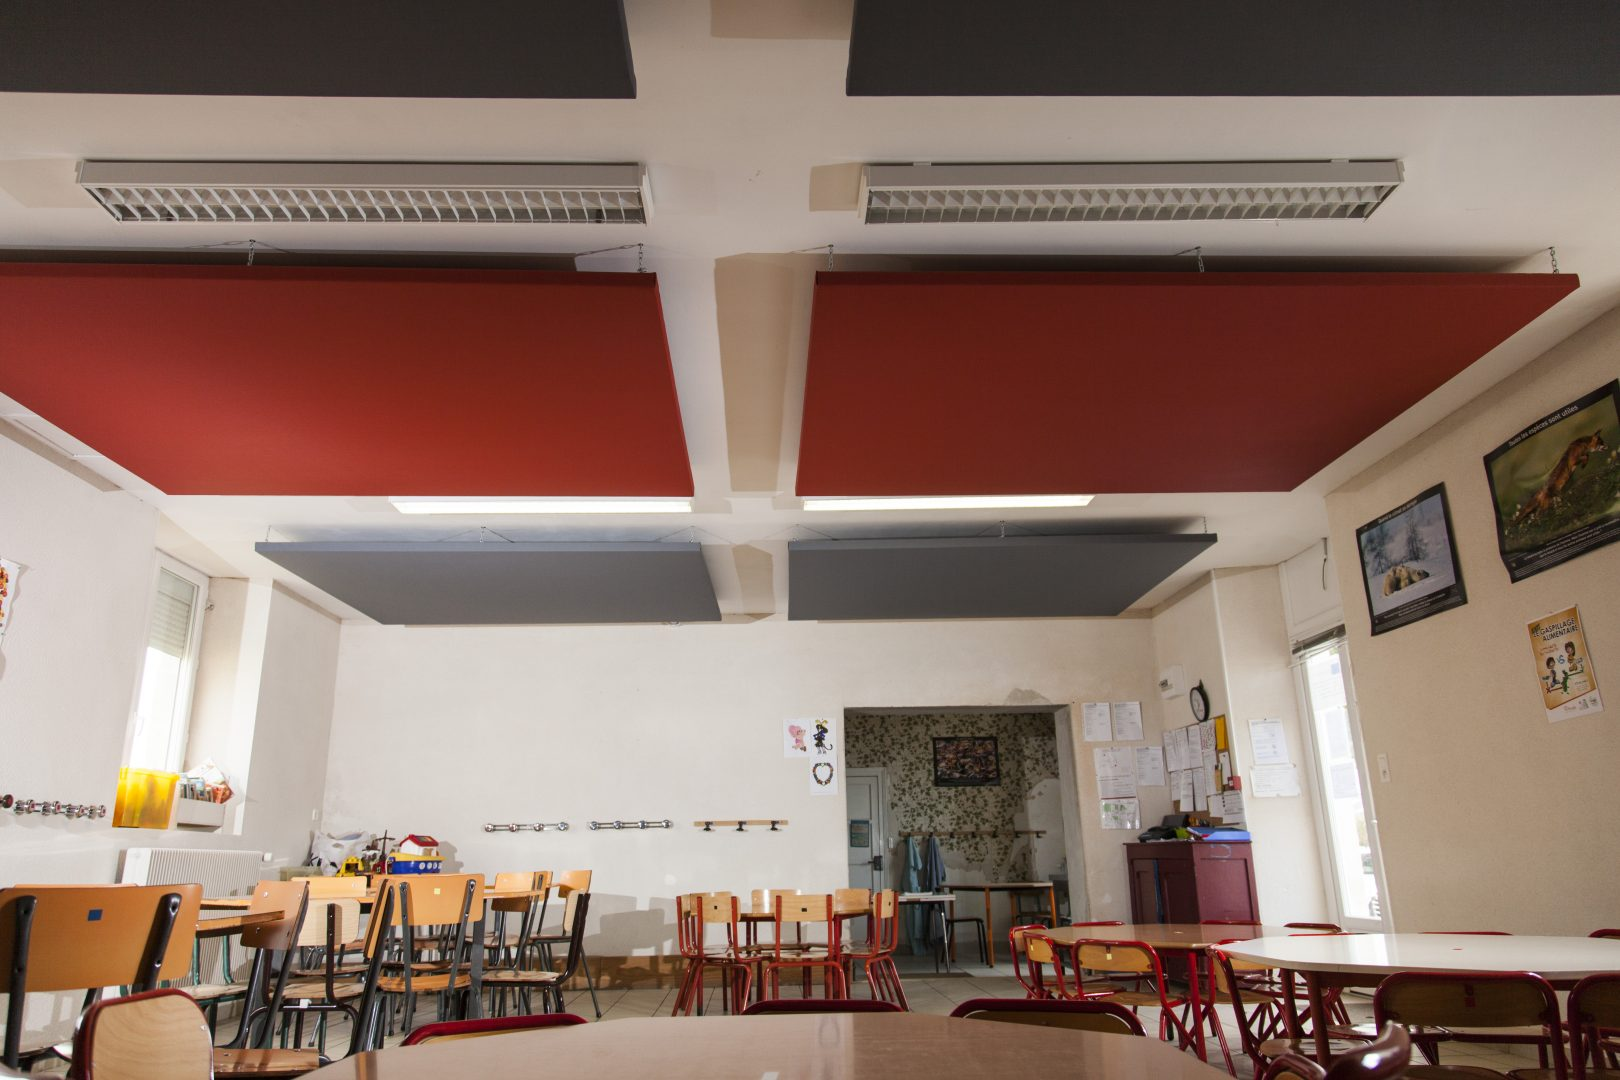 solution acoustique pour salle de cantine école